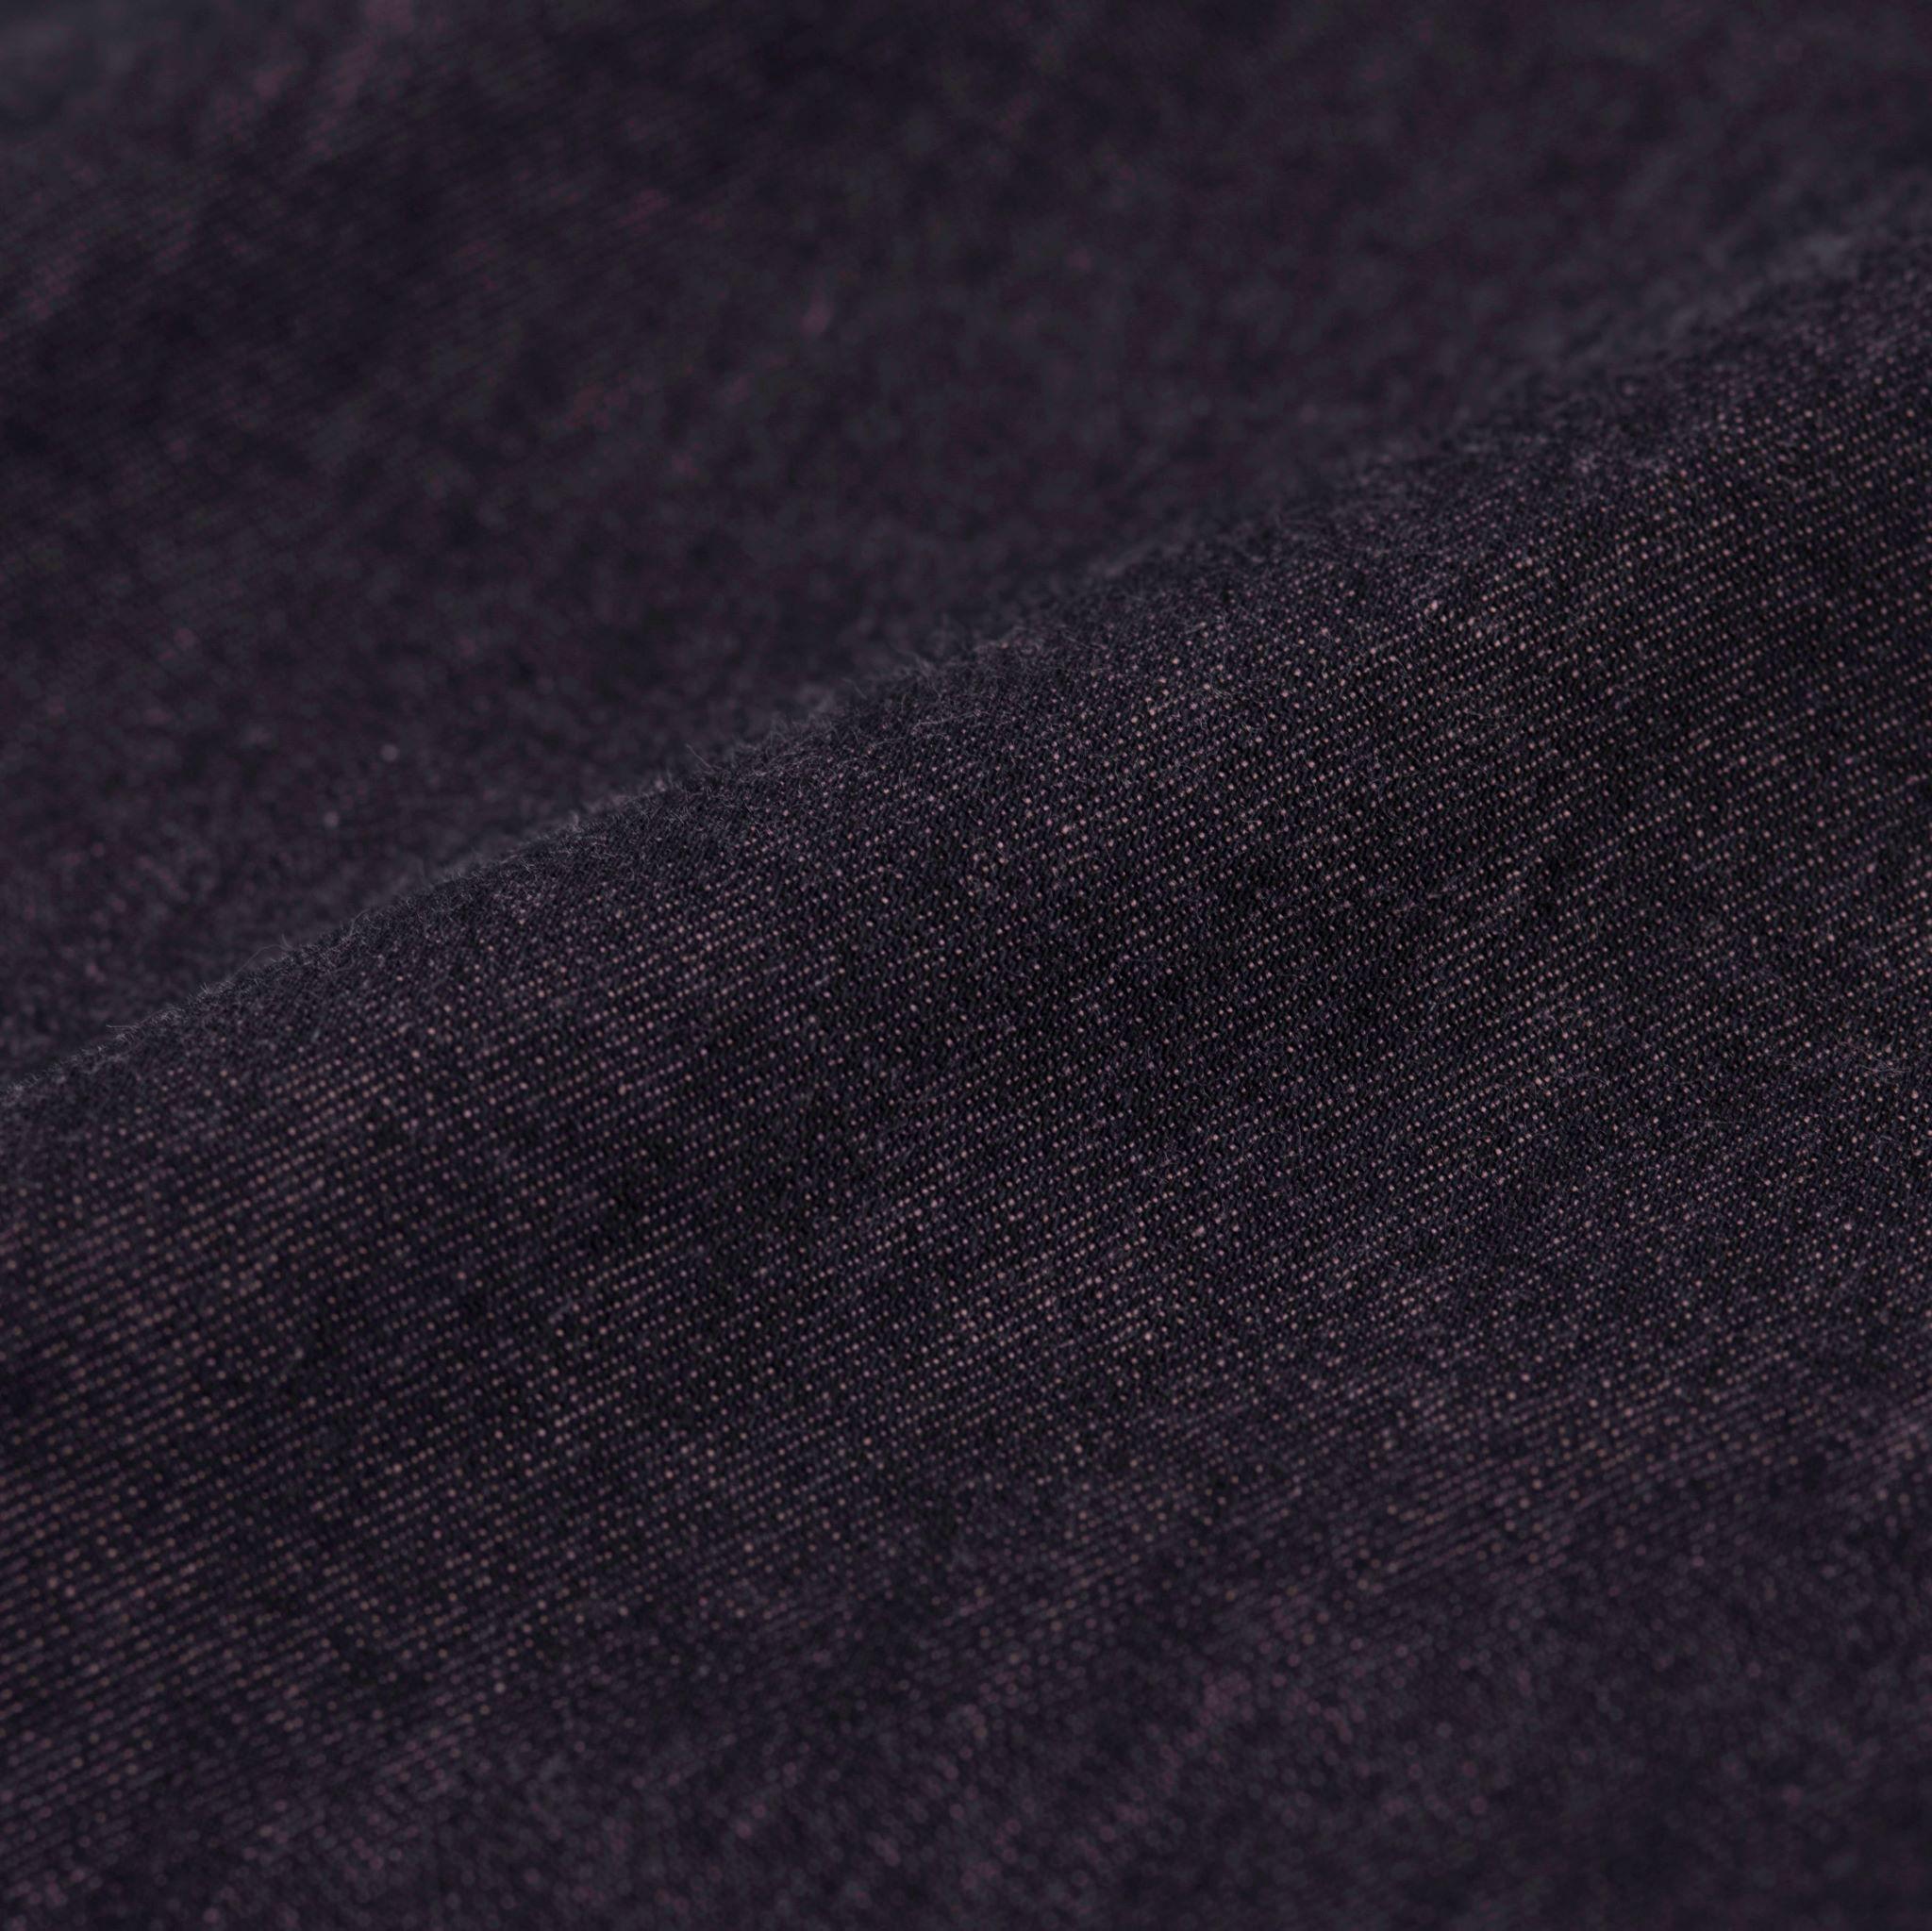 SAKURA denim shirt dress OW【さくらシャツワンピース】